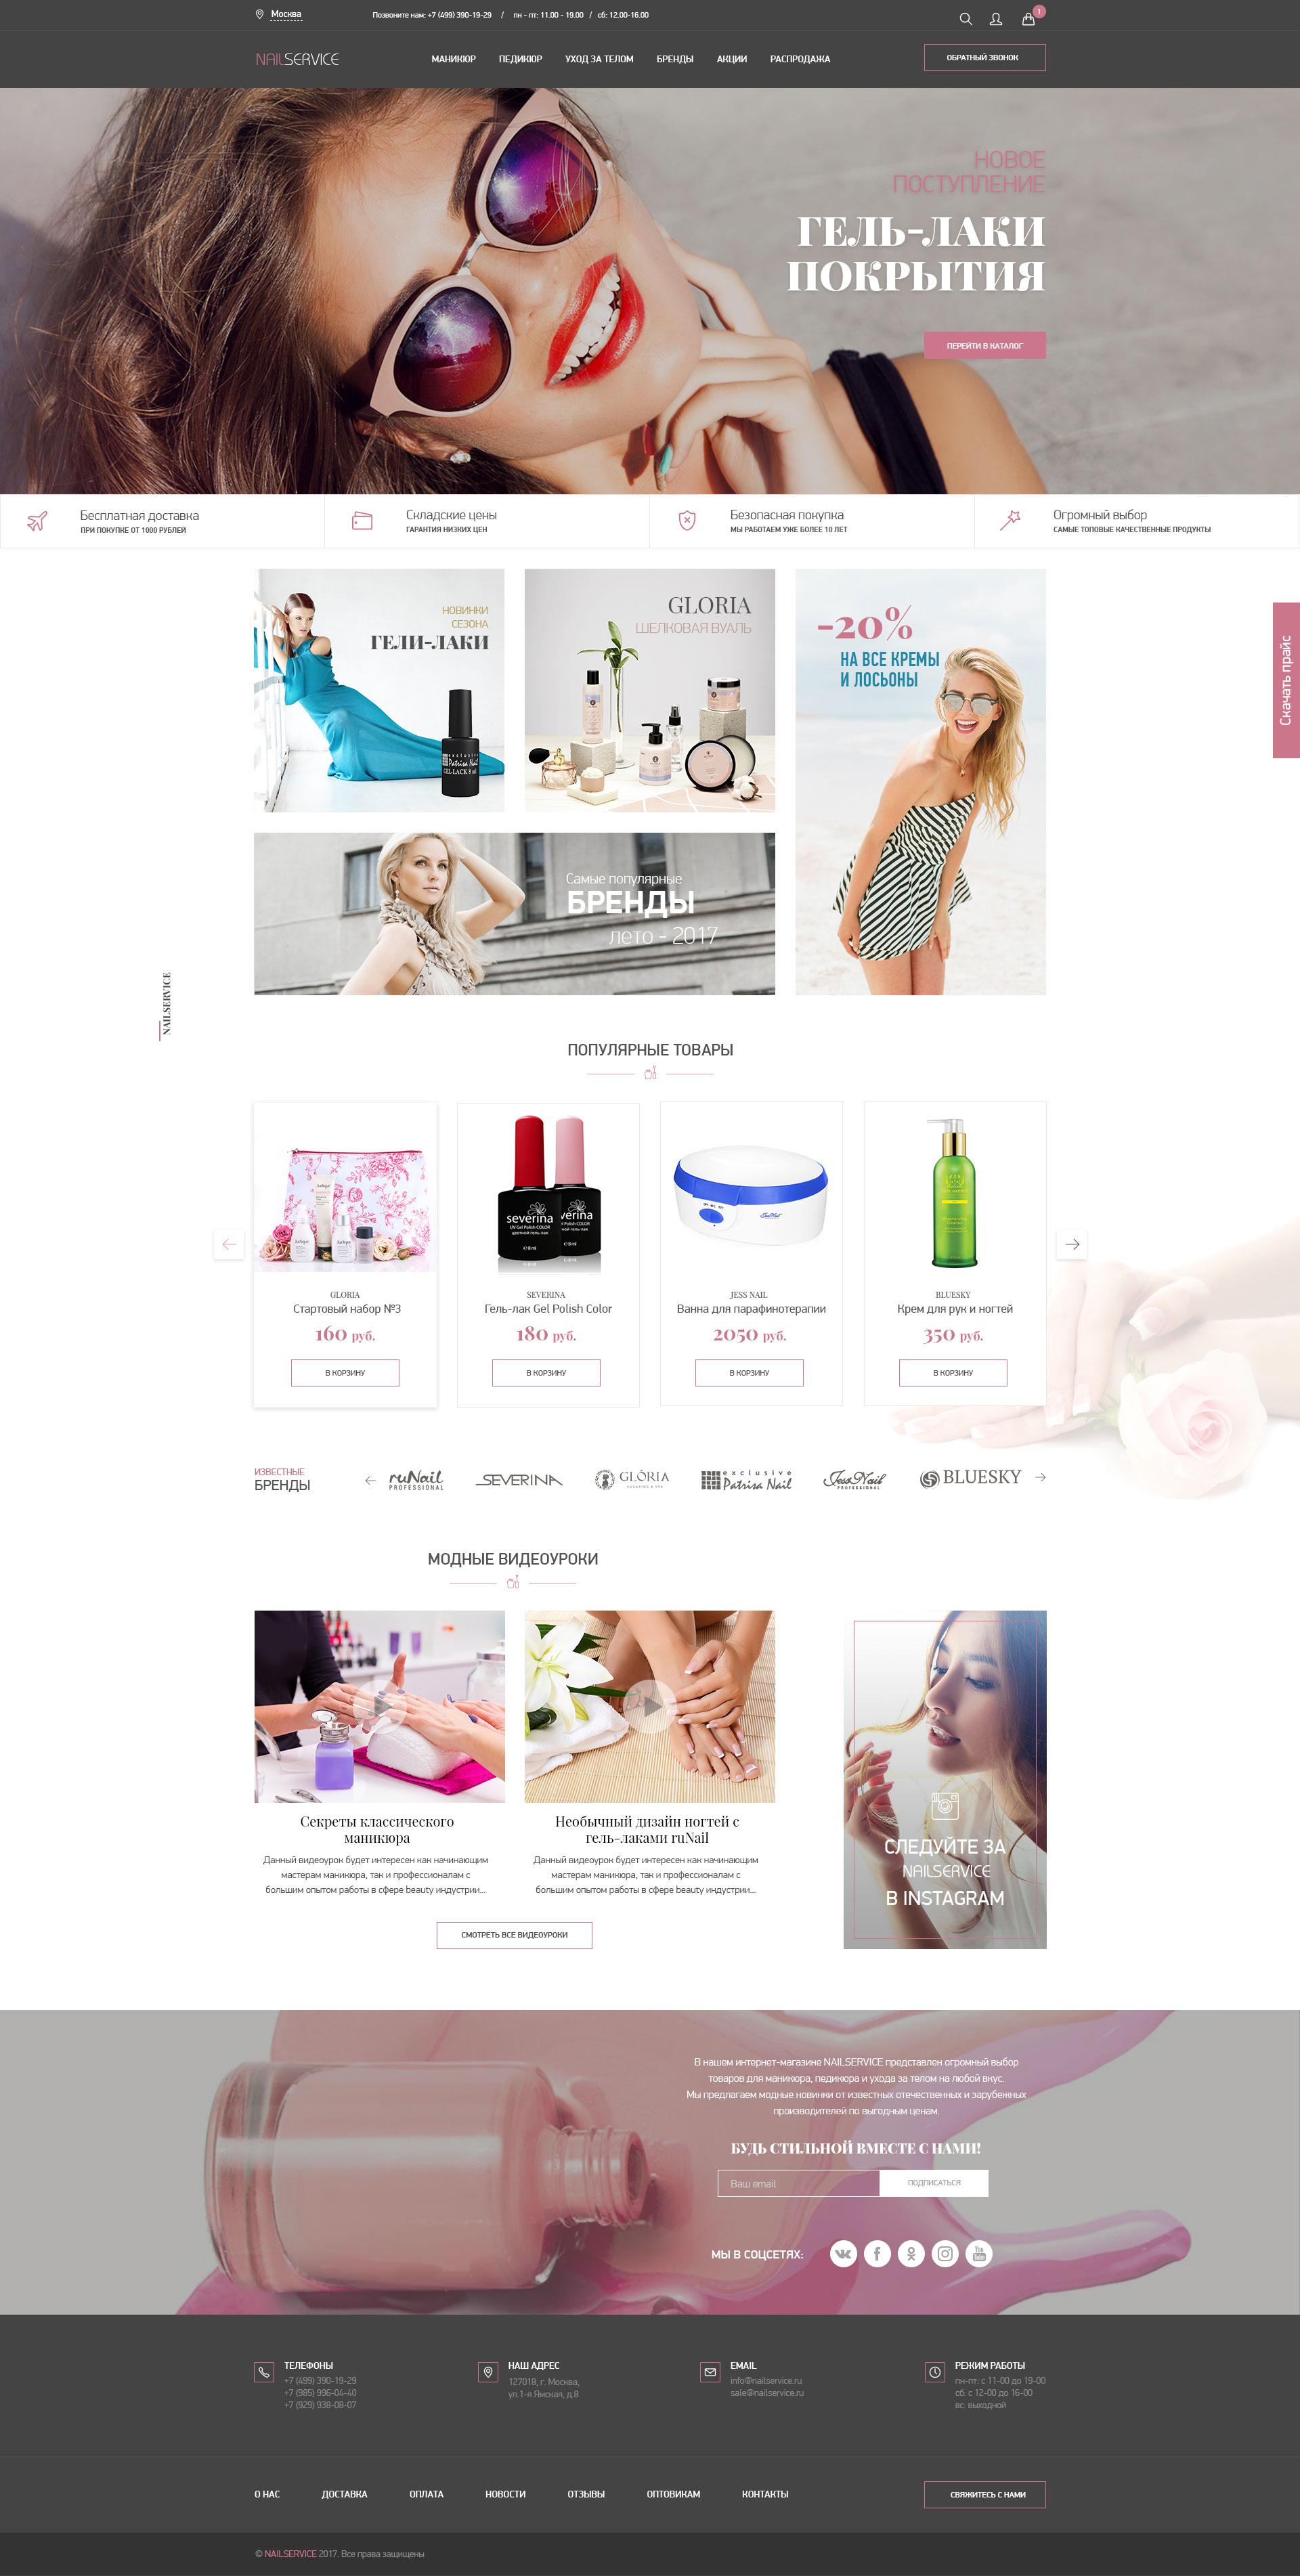 Разработка дизайна главной страницы сайта интернет-магазина фото f_06359501fe70e105.jpg